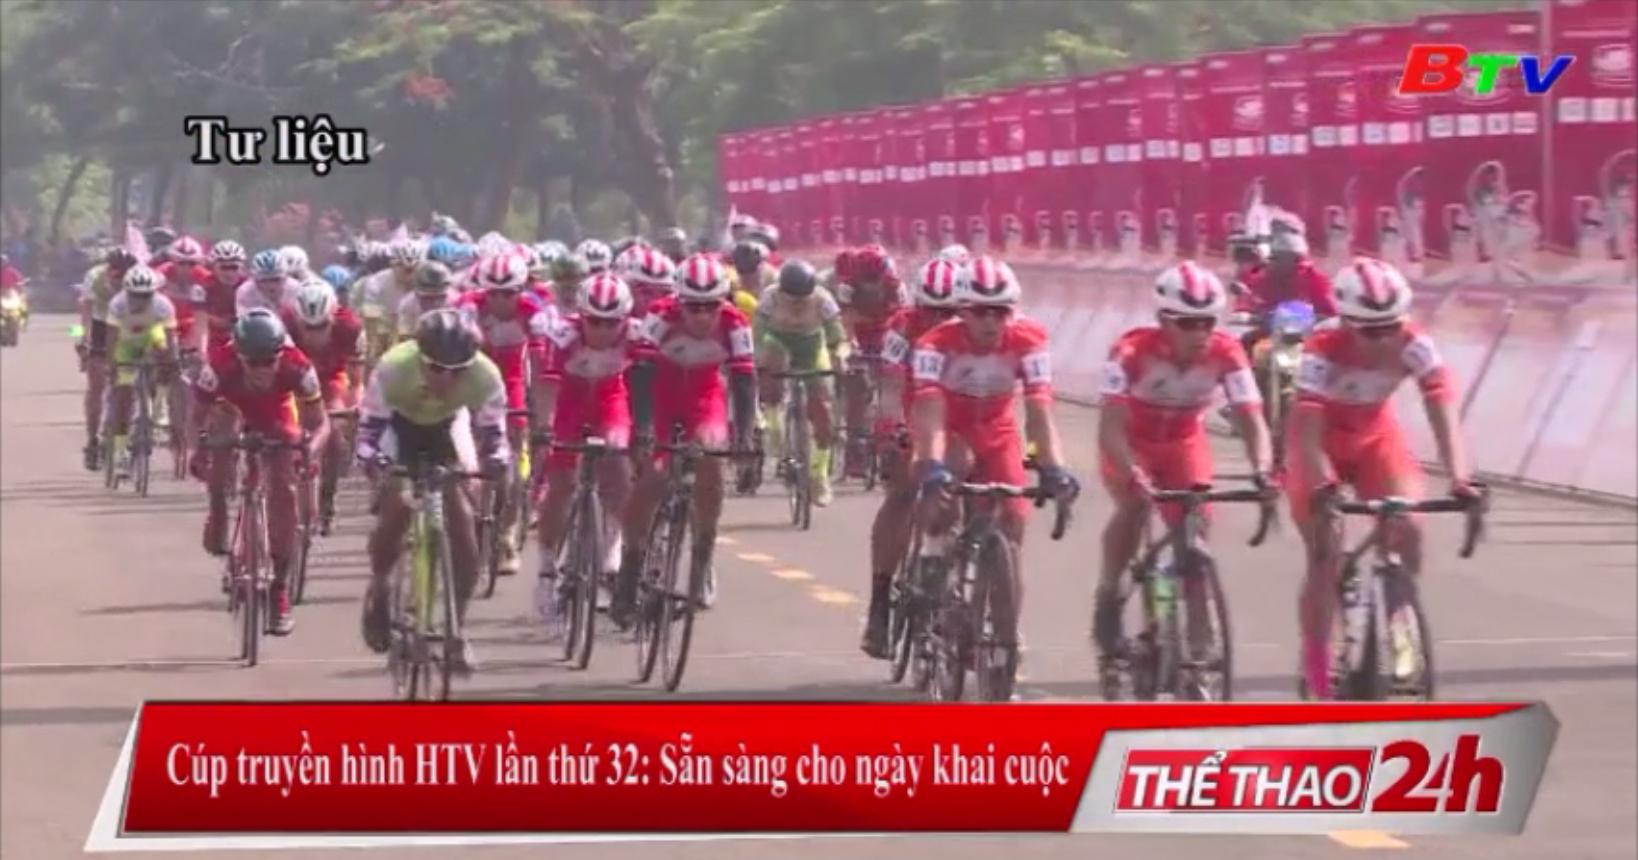 Cúp Truyền hình HTV lần thứ 32 - Sẵn sàng cho ngày khai cuộc